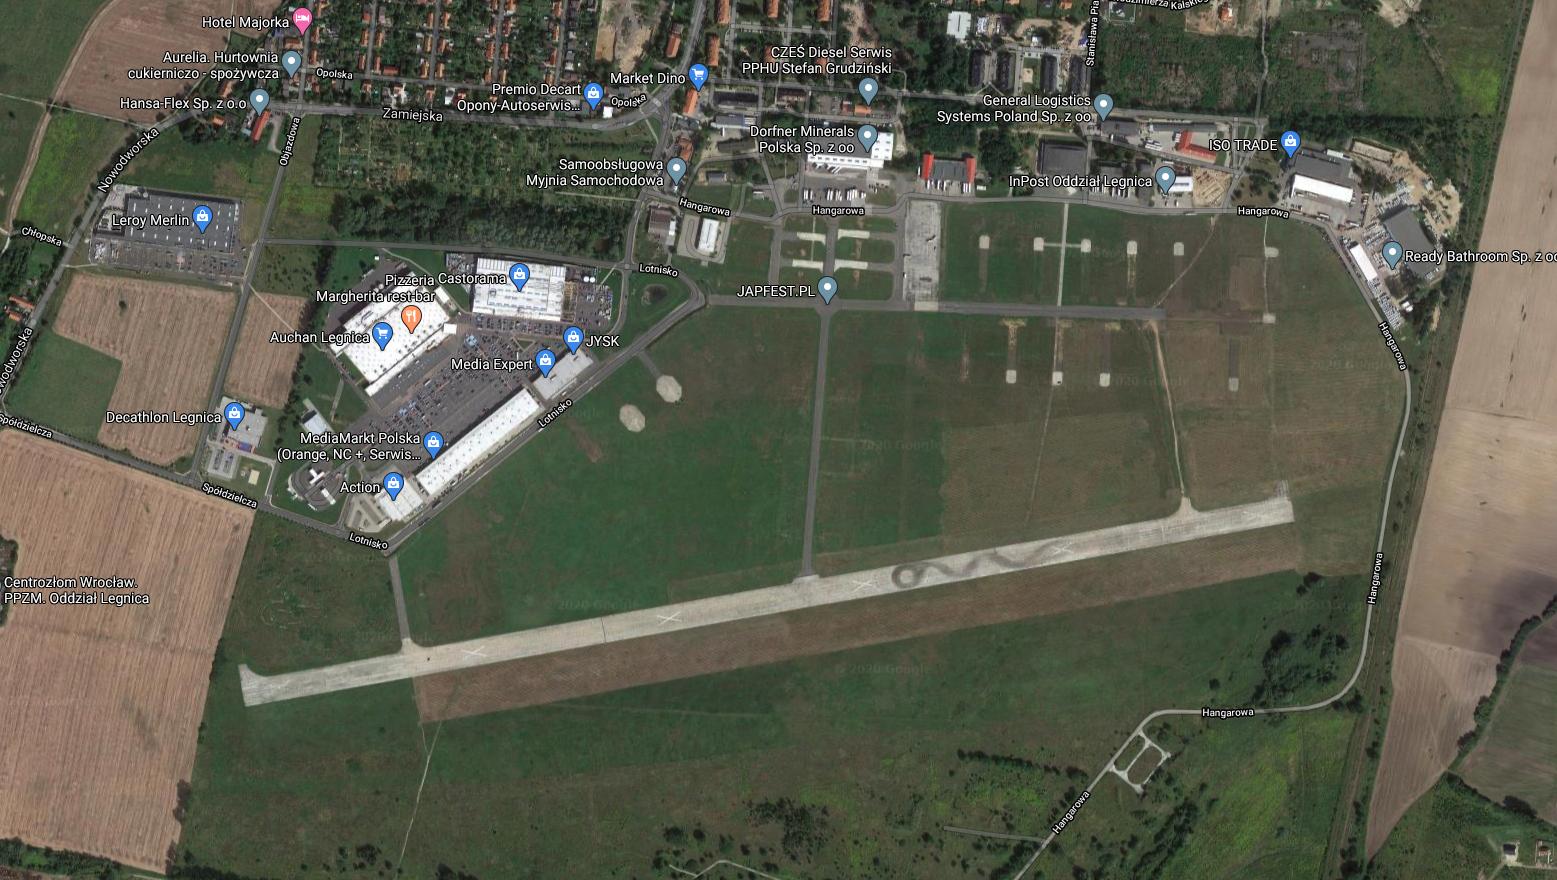 Lotnisko Legnica, widok z satelity. 2020 rok. Zdjęcie LAC